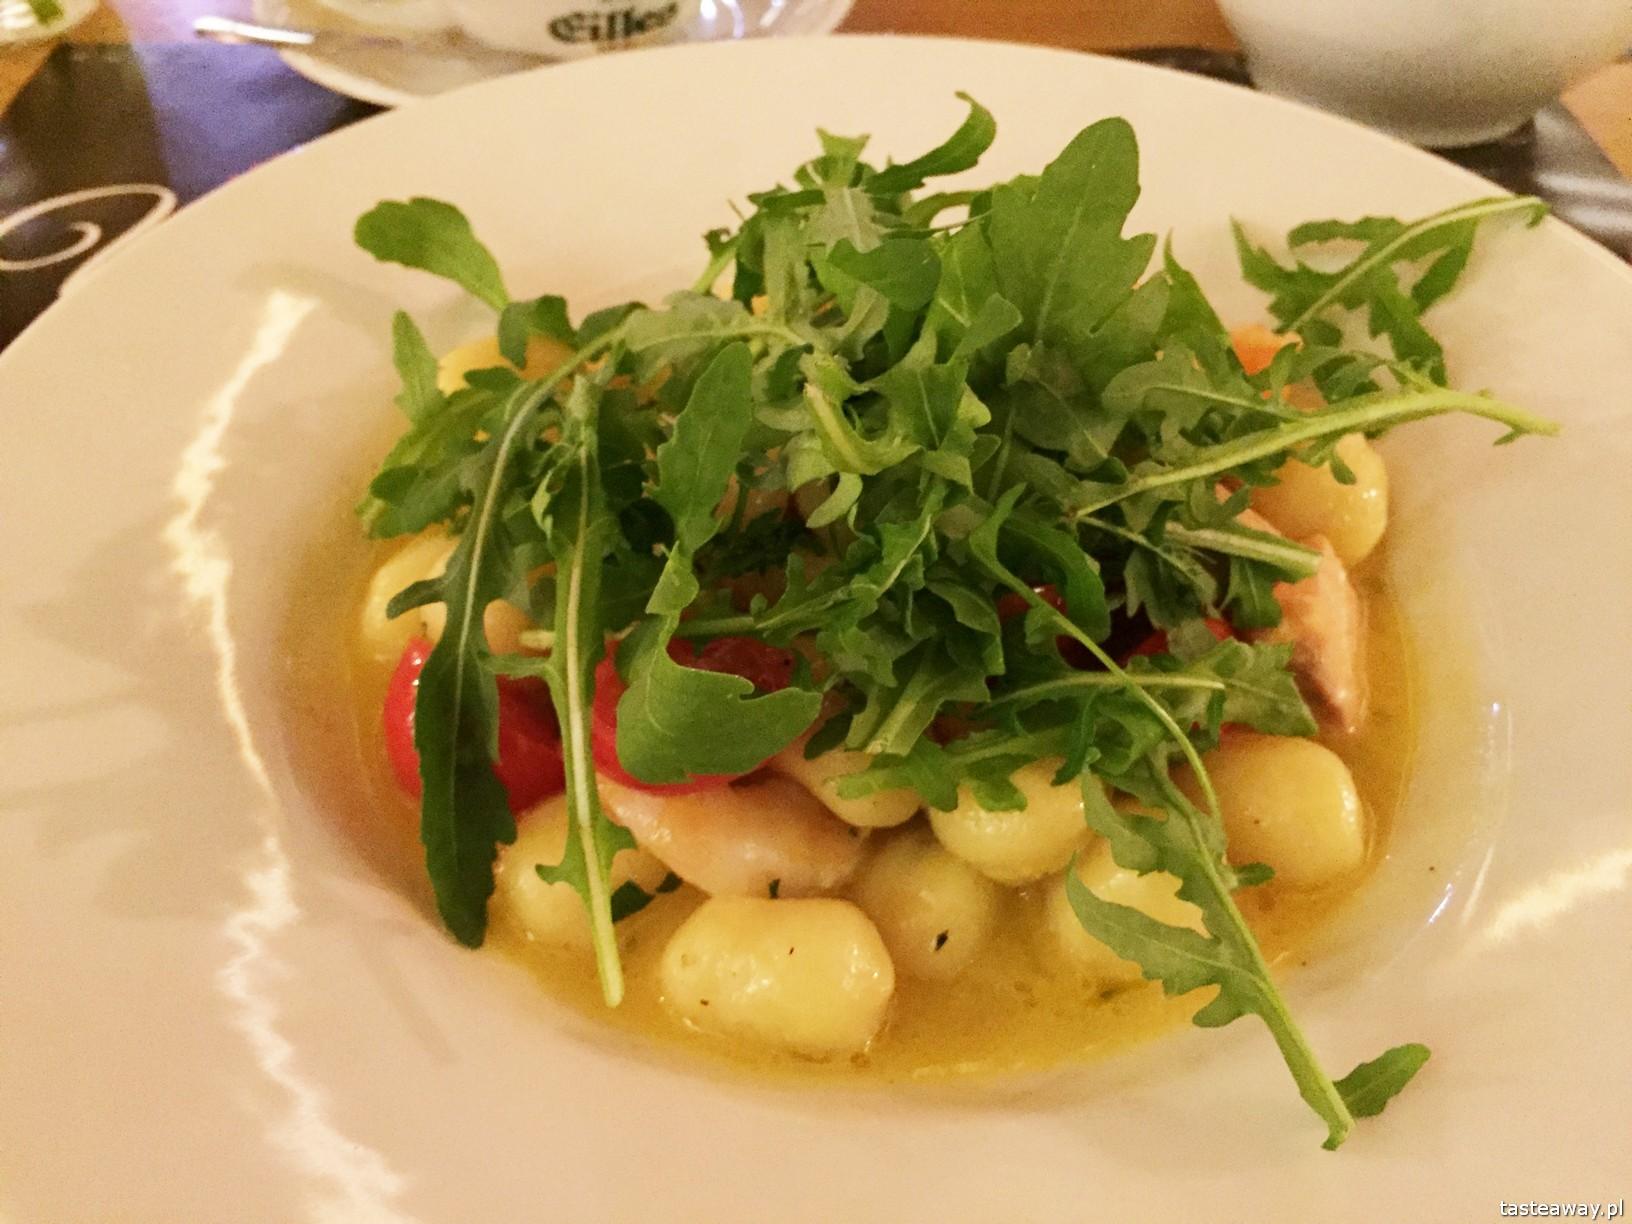 gdzie jeść w Zakopanem, Zakopane i okolice, kuchnia włoska Zakopane, pizza Zakopane, Villa Toscana, gnocchi